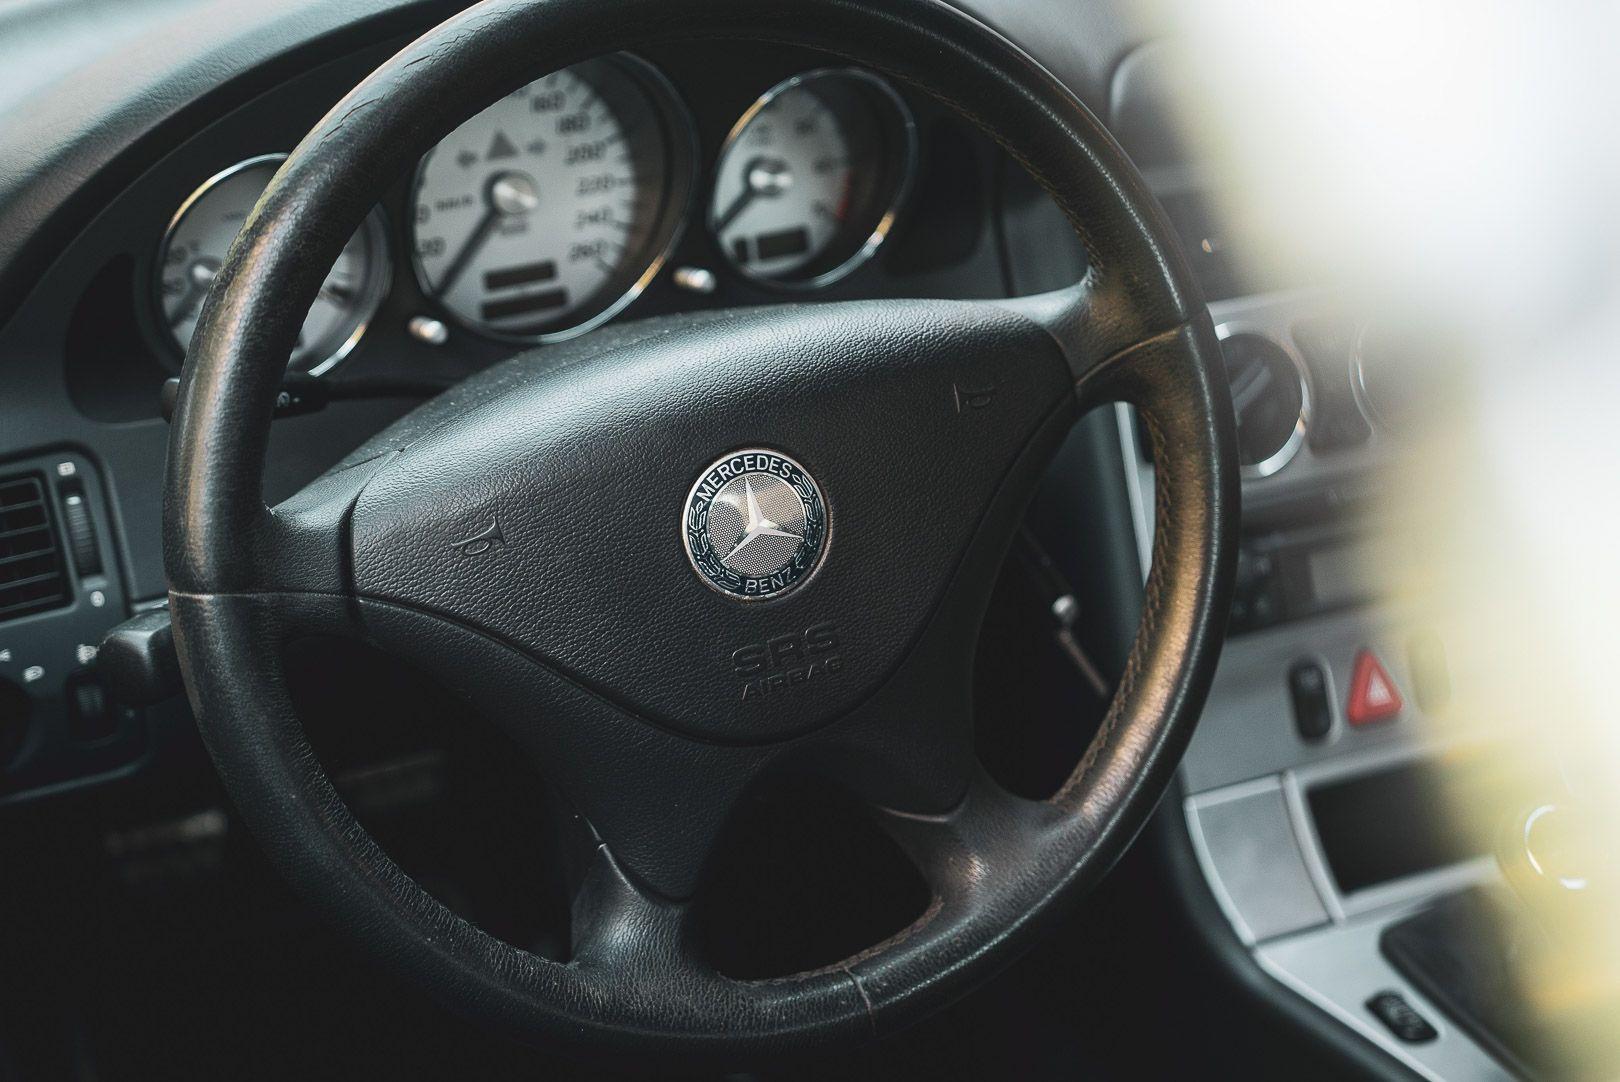 2004 Mercedes Benz 200 SLK Kompressor Special Edition 80765